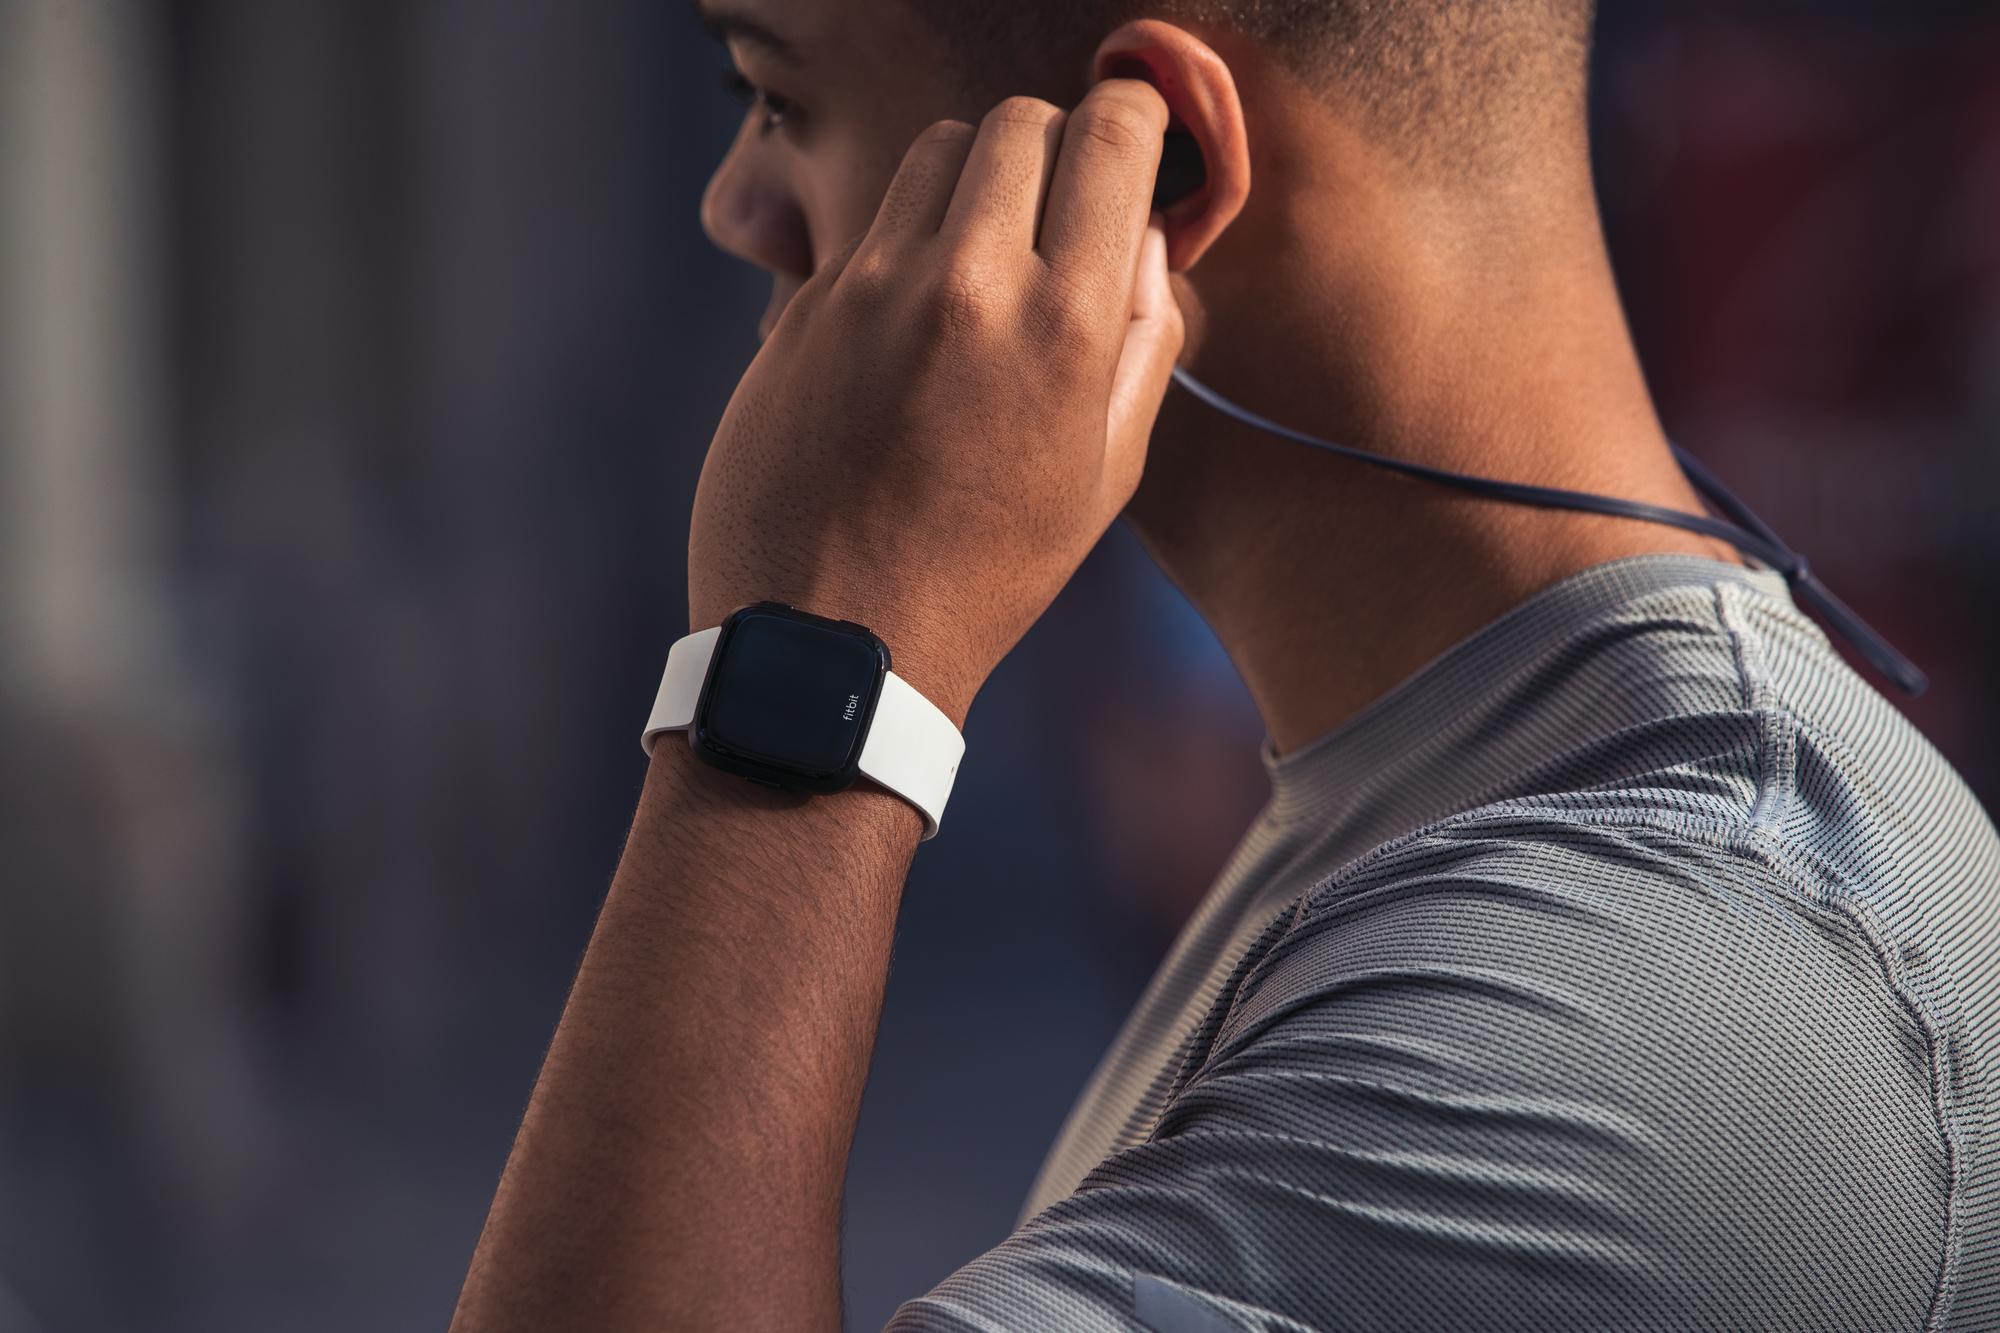 Man in workout gear wearing a Fitbit Versa Smartwatch